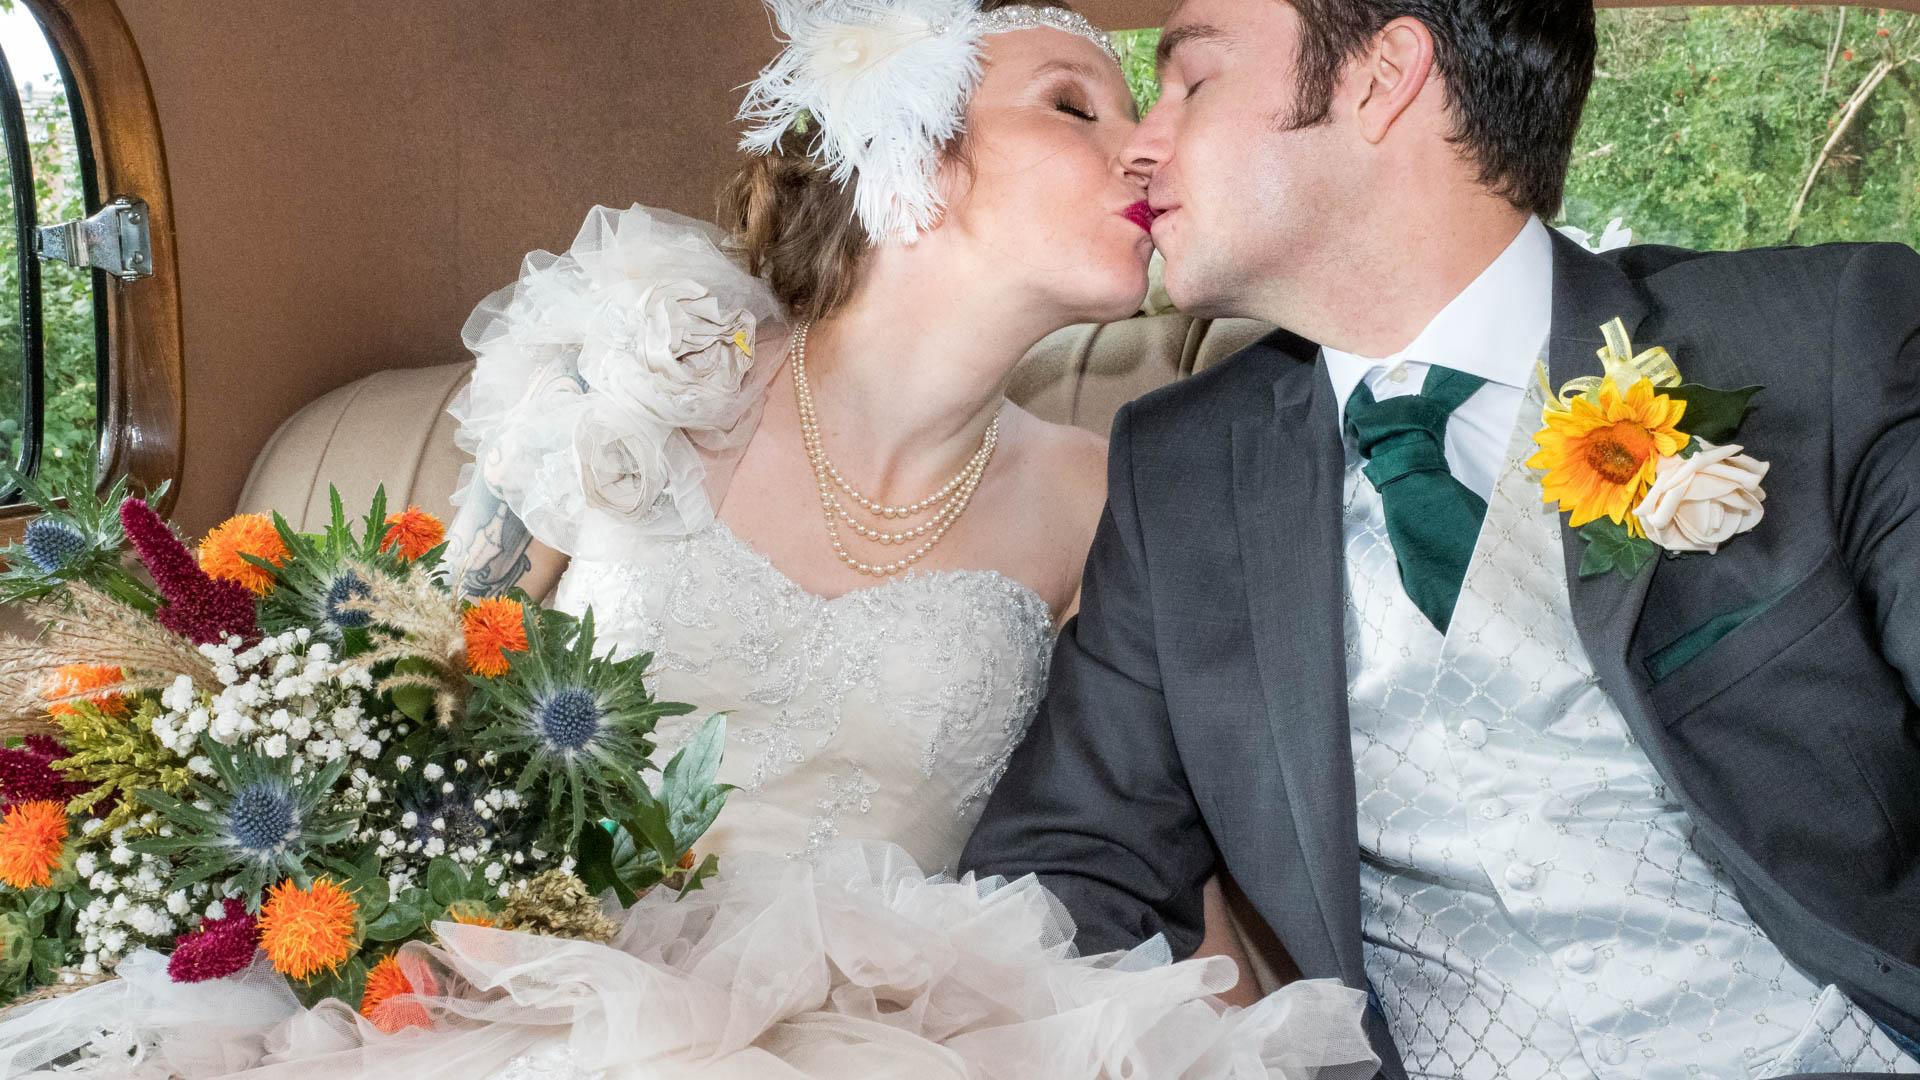 Bride and groom kiss in vintage wedding car